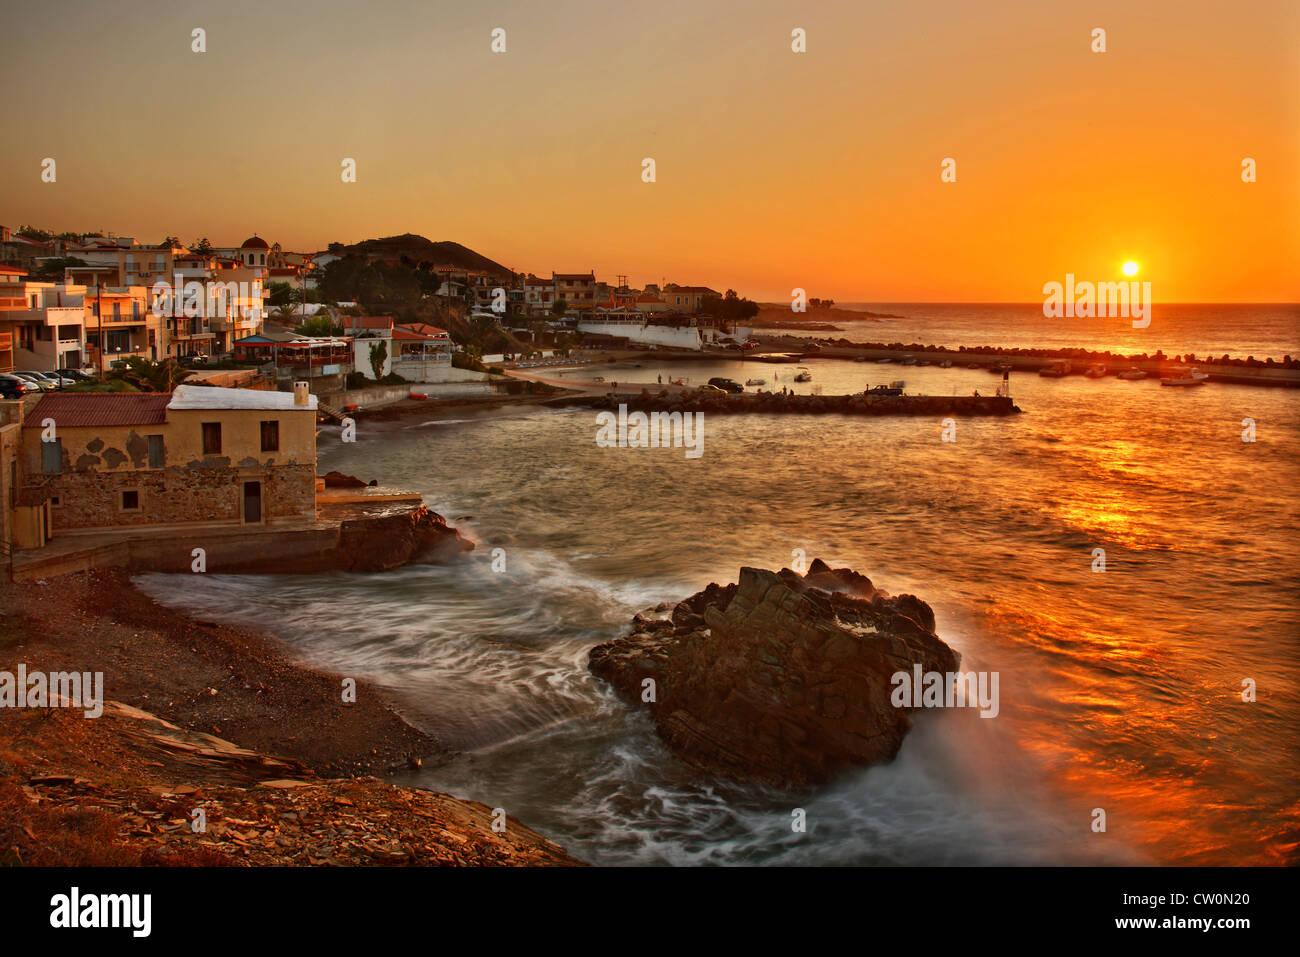 Atardecer en Pamormos village, el popular centro turístico, en la prefectura de Rethymnon, Creta, Grecia Imagen De Stock